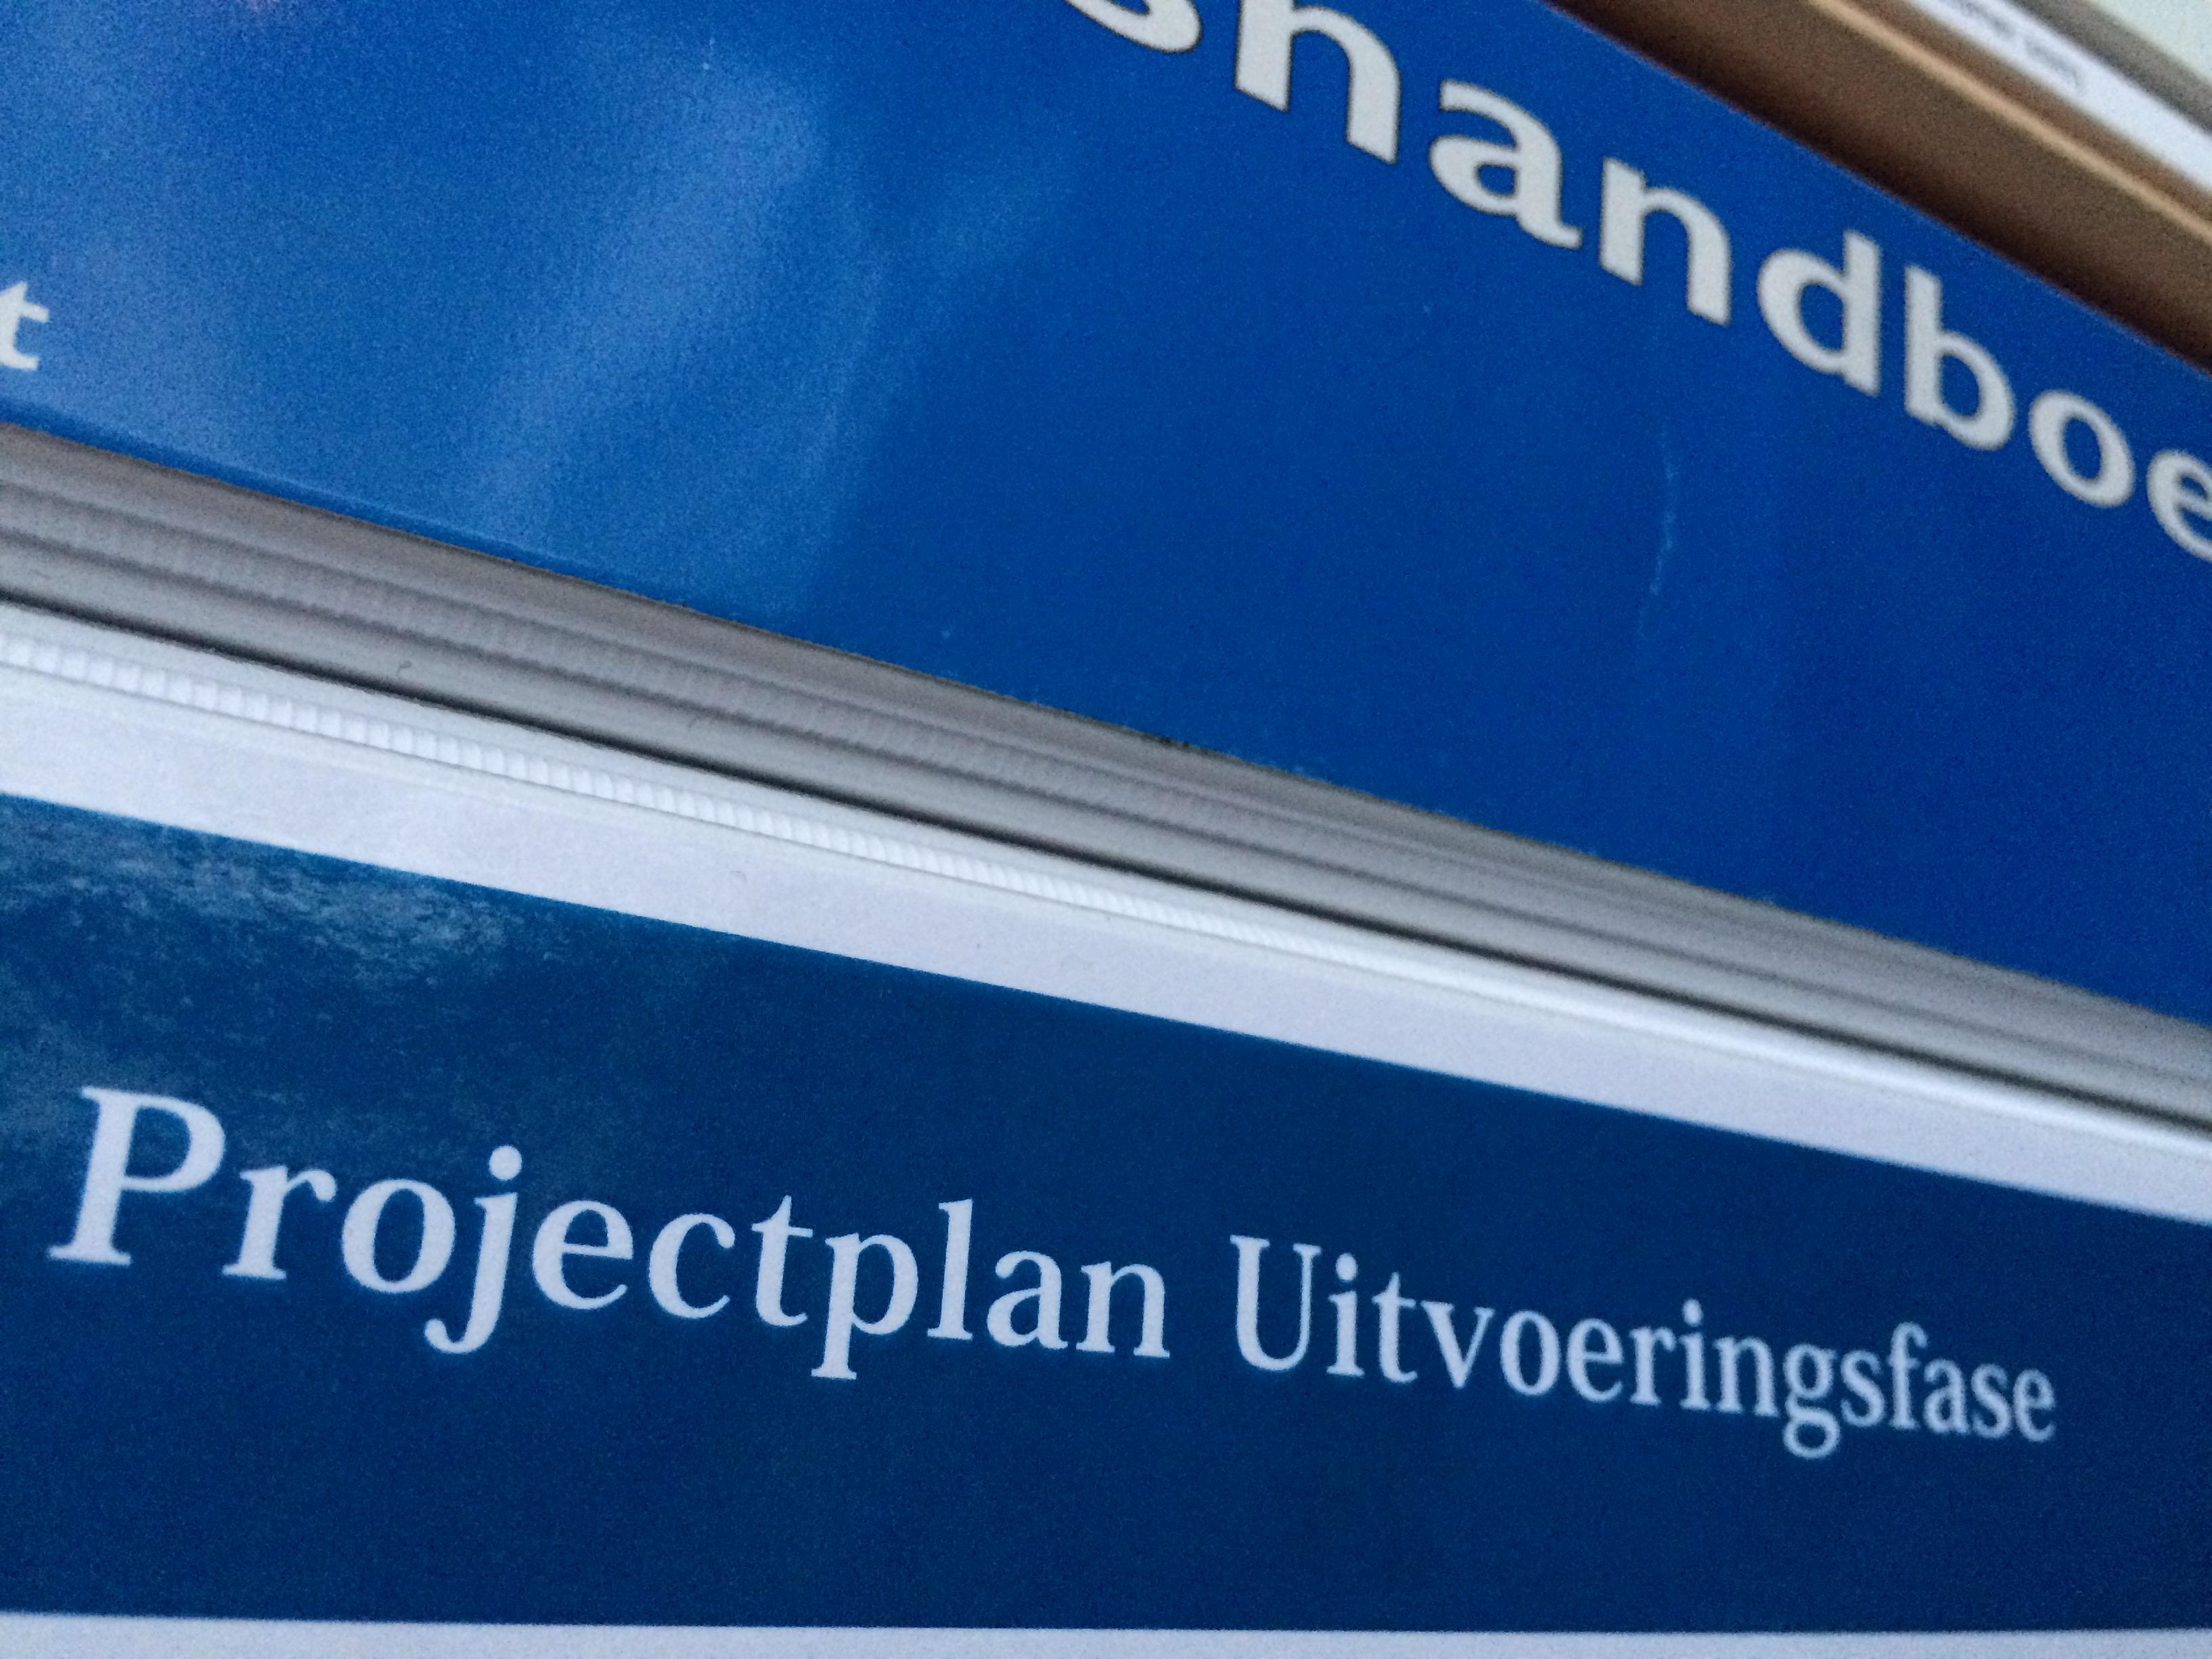 projectplan-uitvoeringsfase